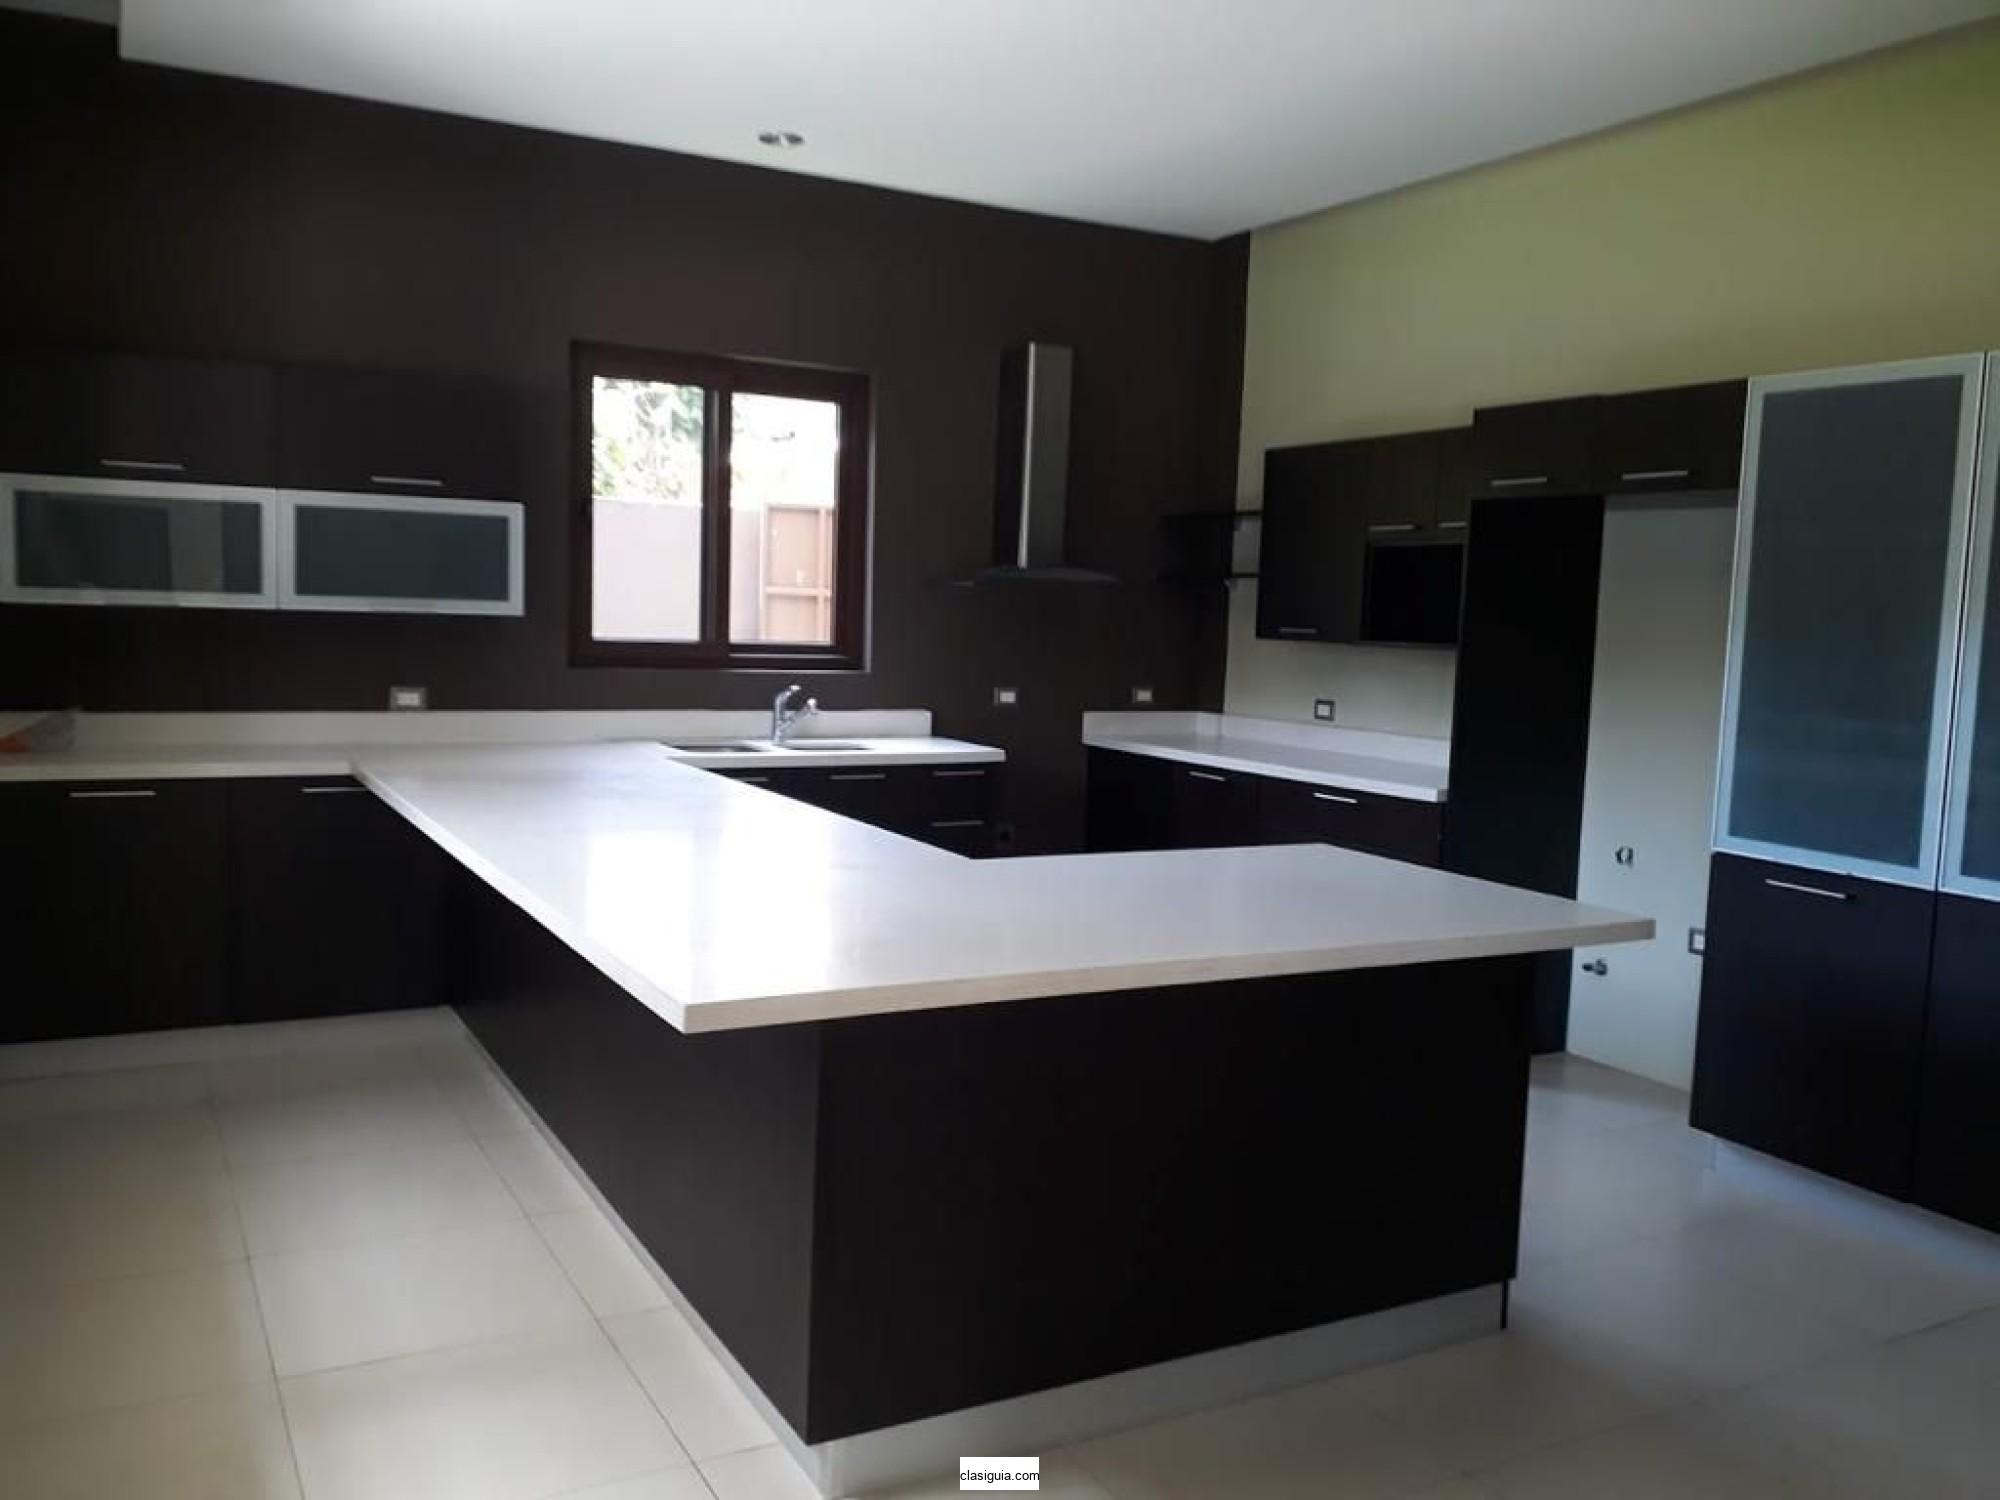 SE VENDE CASA RESIDENCIAL LA MONTAÑA, PRIVADO, MODERNA, Área de terreno 1,550 v2, Área de construcción 600 m2, Construida en 2016